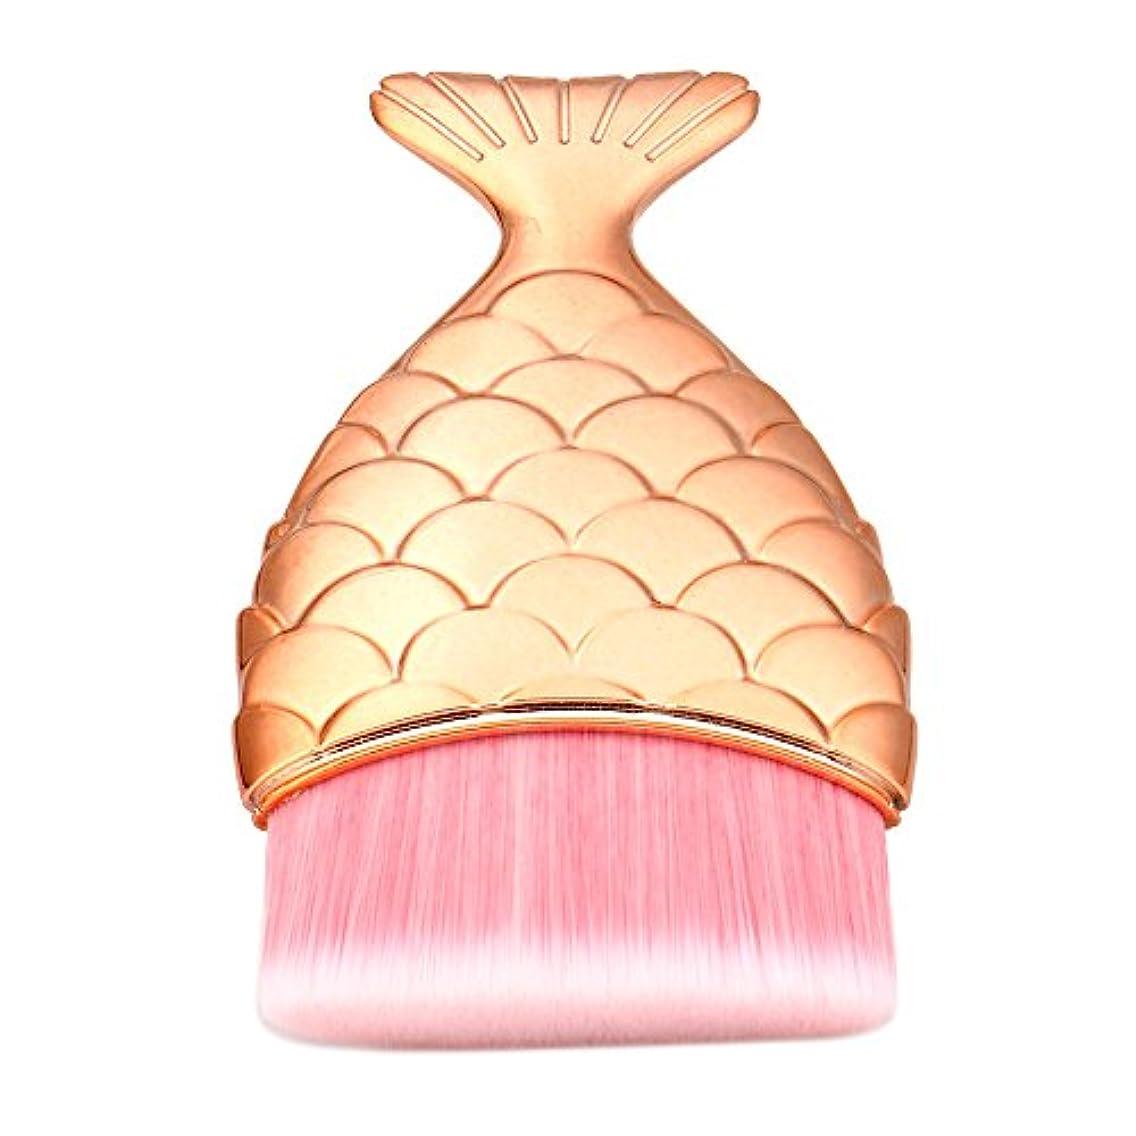 散逸磁気コンデンサー(プタス)Putars メイクブラシ ファンデーションブラシ マーメイド 4.9*1.5*8.5cm ローズゴールド 化粧ブラシ ふわふわ お肌に優しい 毛量たっぷり メイク道具 プレゼント